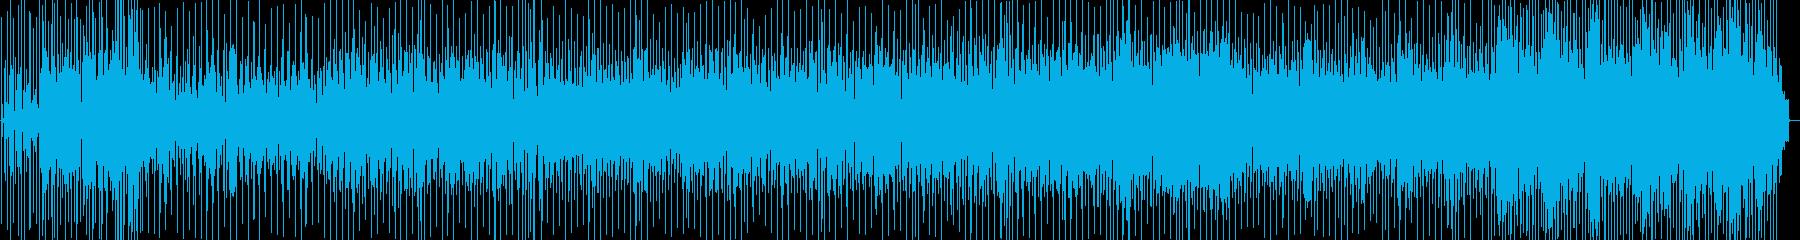 ラテン ジャズ 代替案 ポップ バ...の再生済みの波形